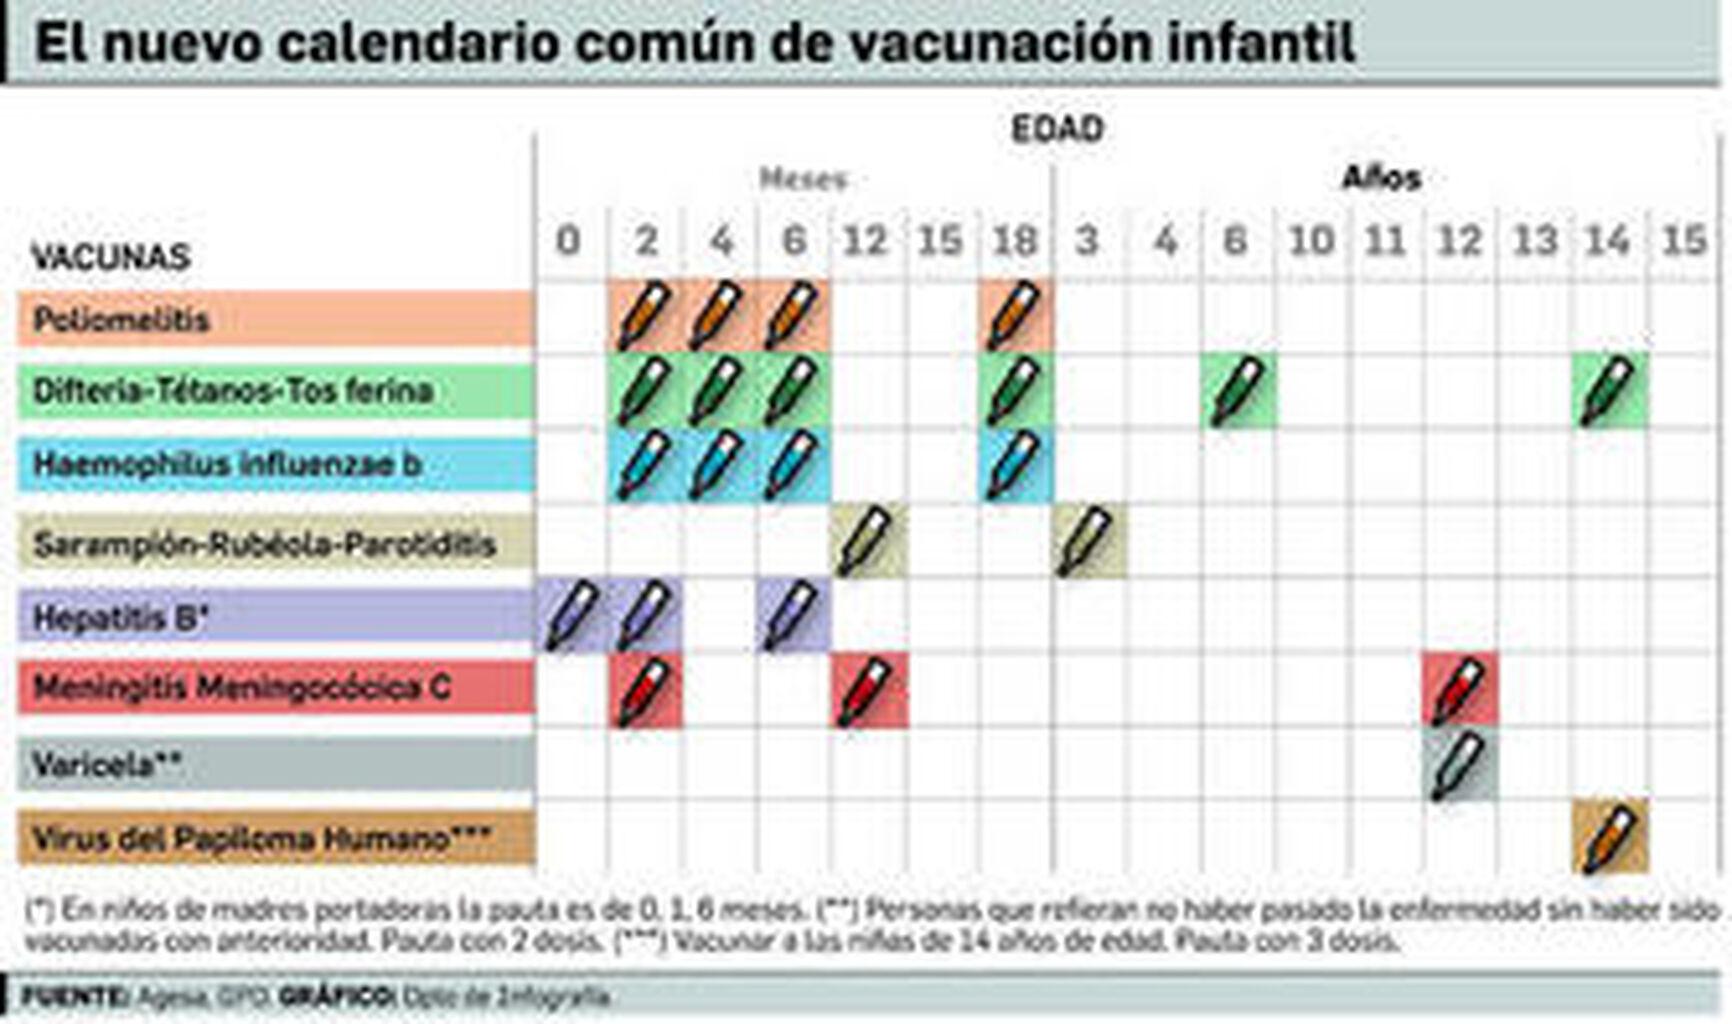 Calendario Vacunas 2020 Andalucia.El Nuevo Calendario De Vacunas Entrara En Vigor A Partir De 2014